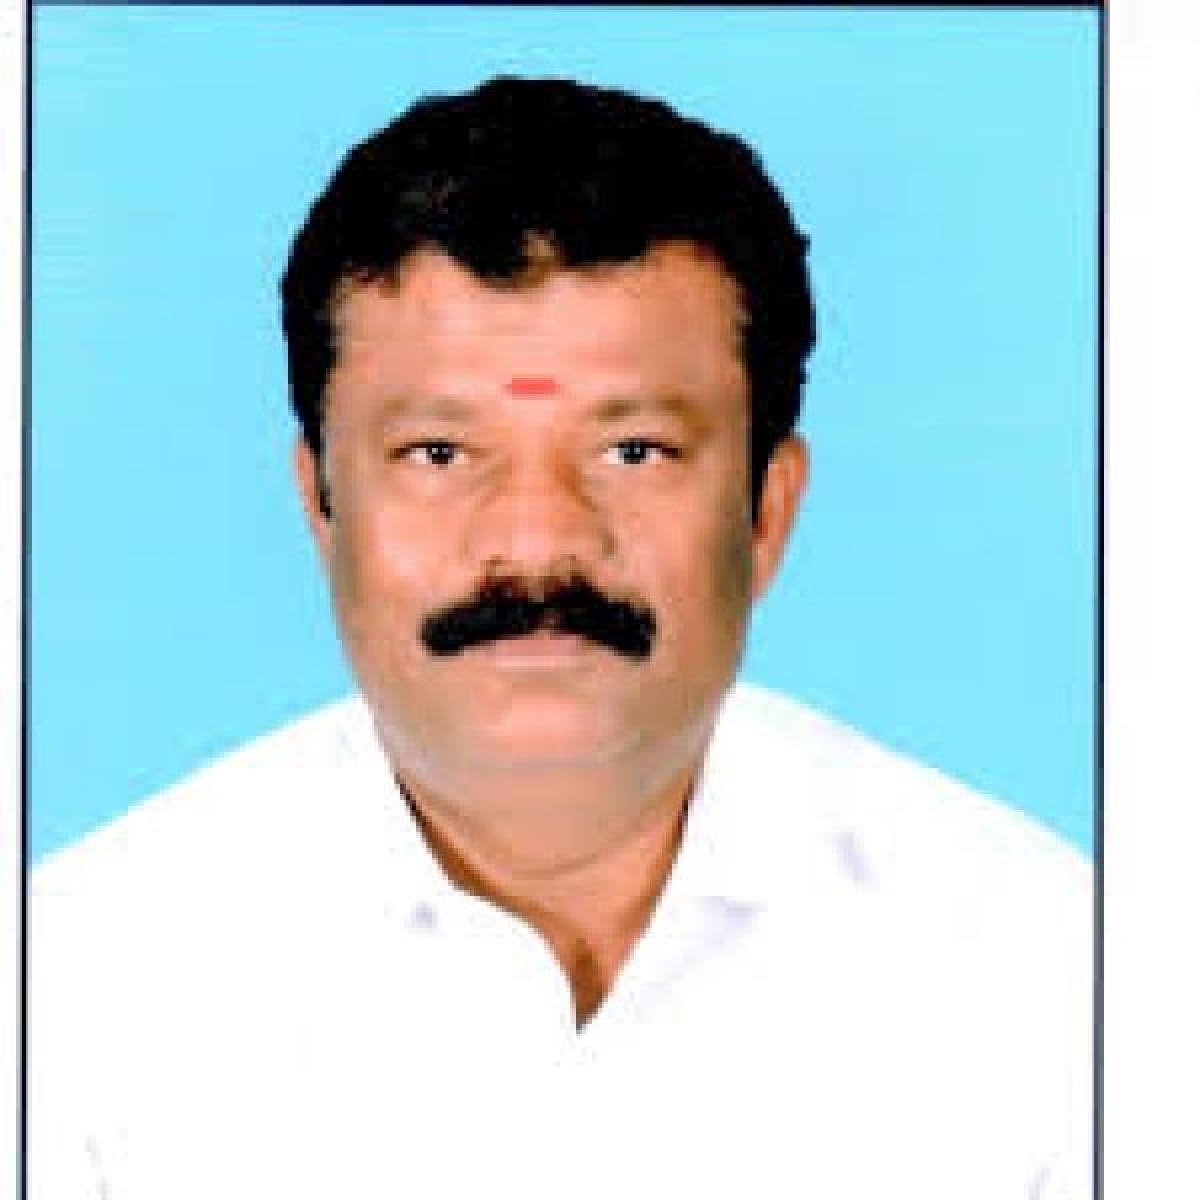 காலியானது பாலகிருஷ்ண ரெட்டி அறை